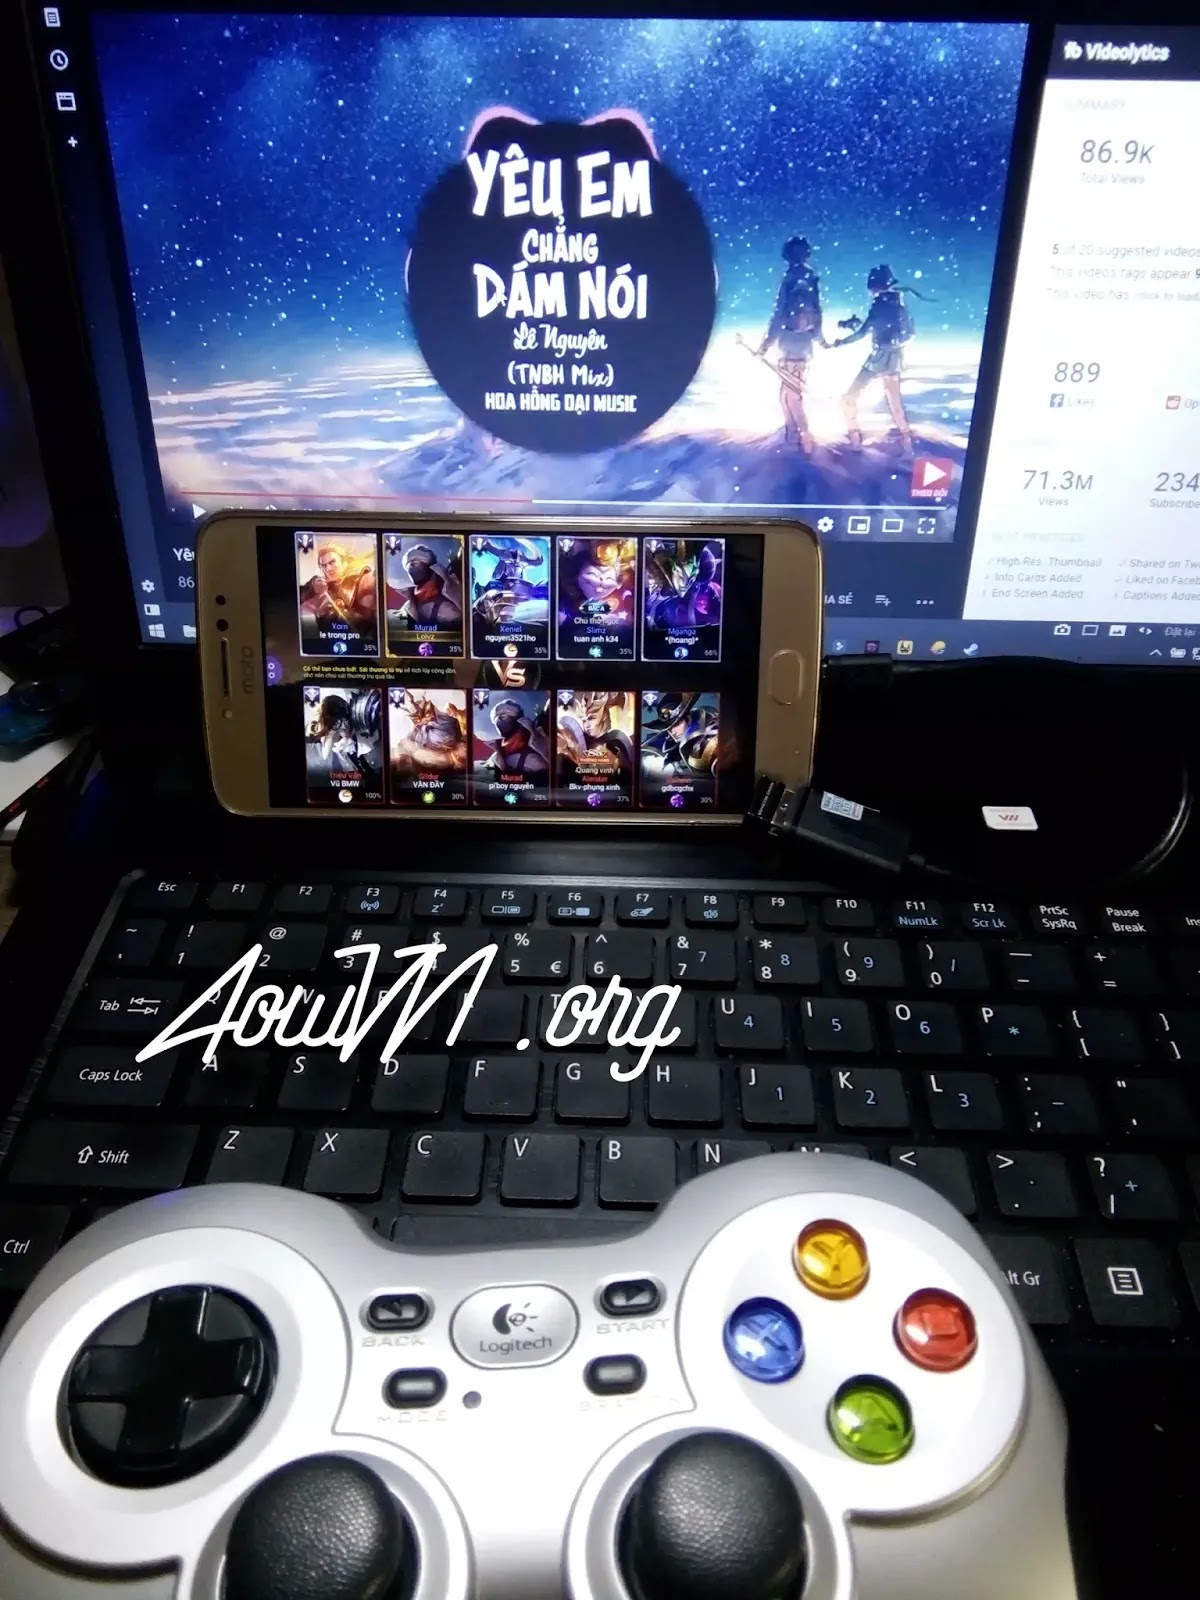 AowVN.org minz%2B%25288%2529 - Tổng hợp những tay cầm chơi game nên mua cho điện thoại | Gamepad Android & IOS